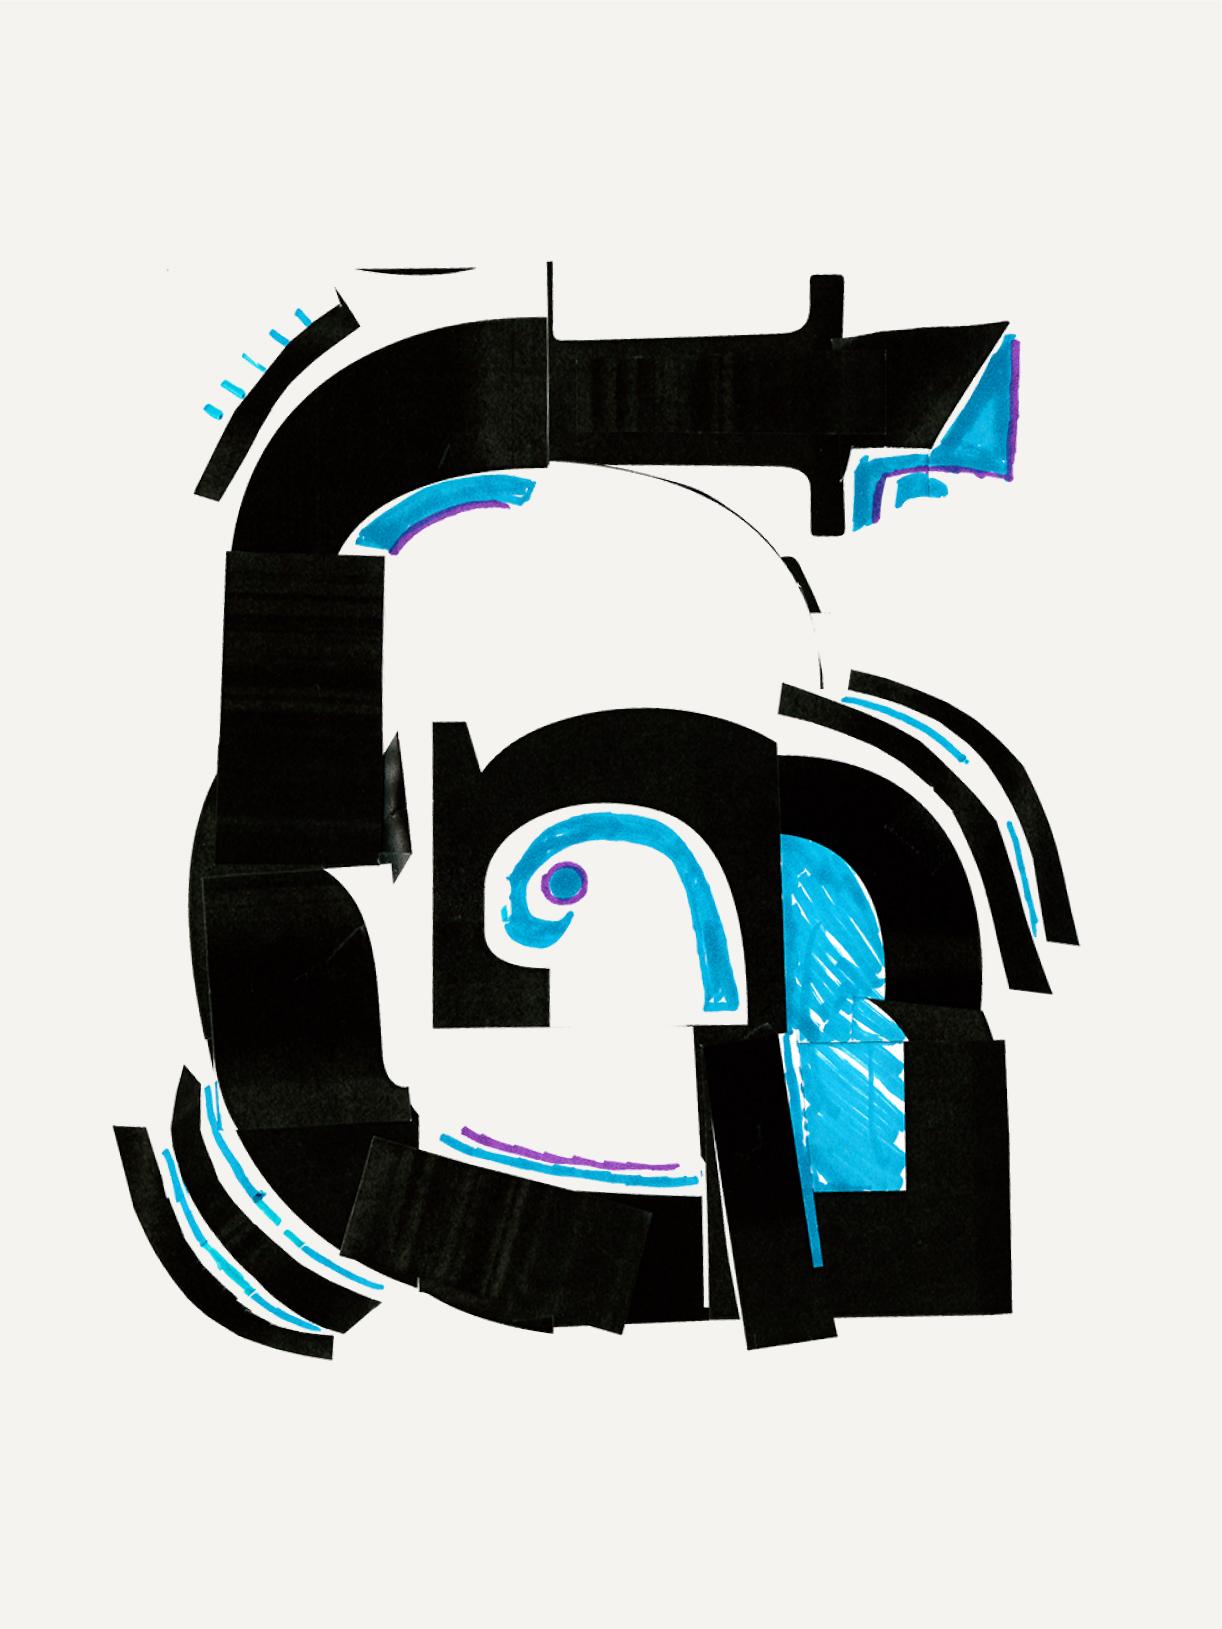 Gestalt_Reification_FinalPosters-19.png